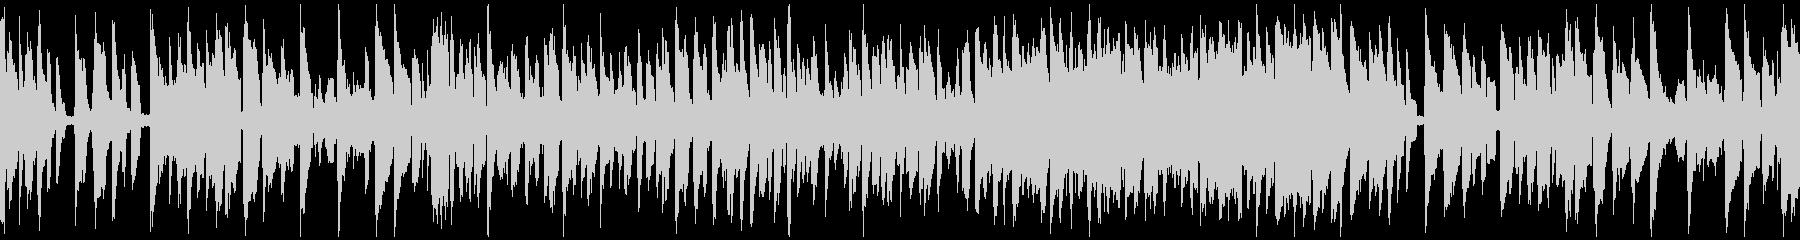 コメディ、ずっこけリコーダー ※ループ版の未再生の波形